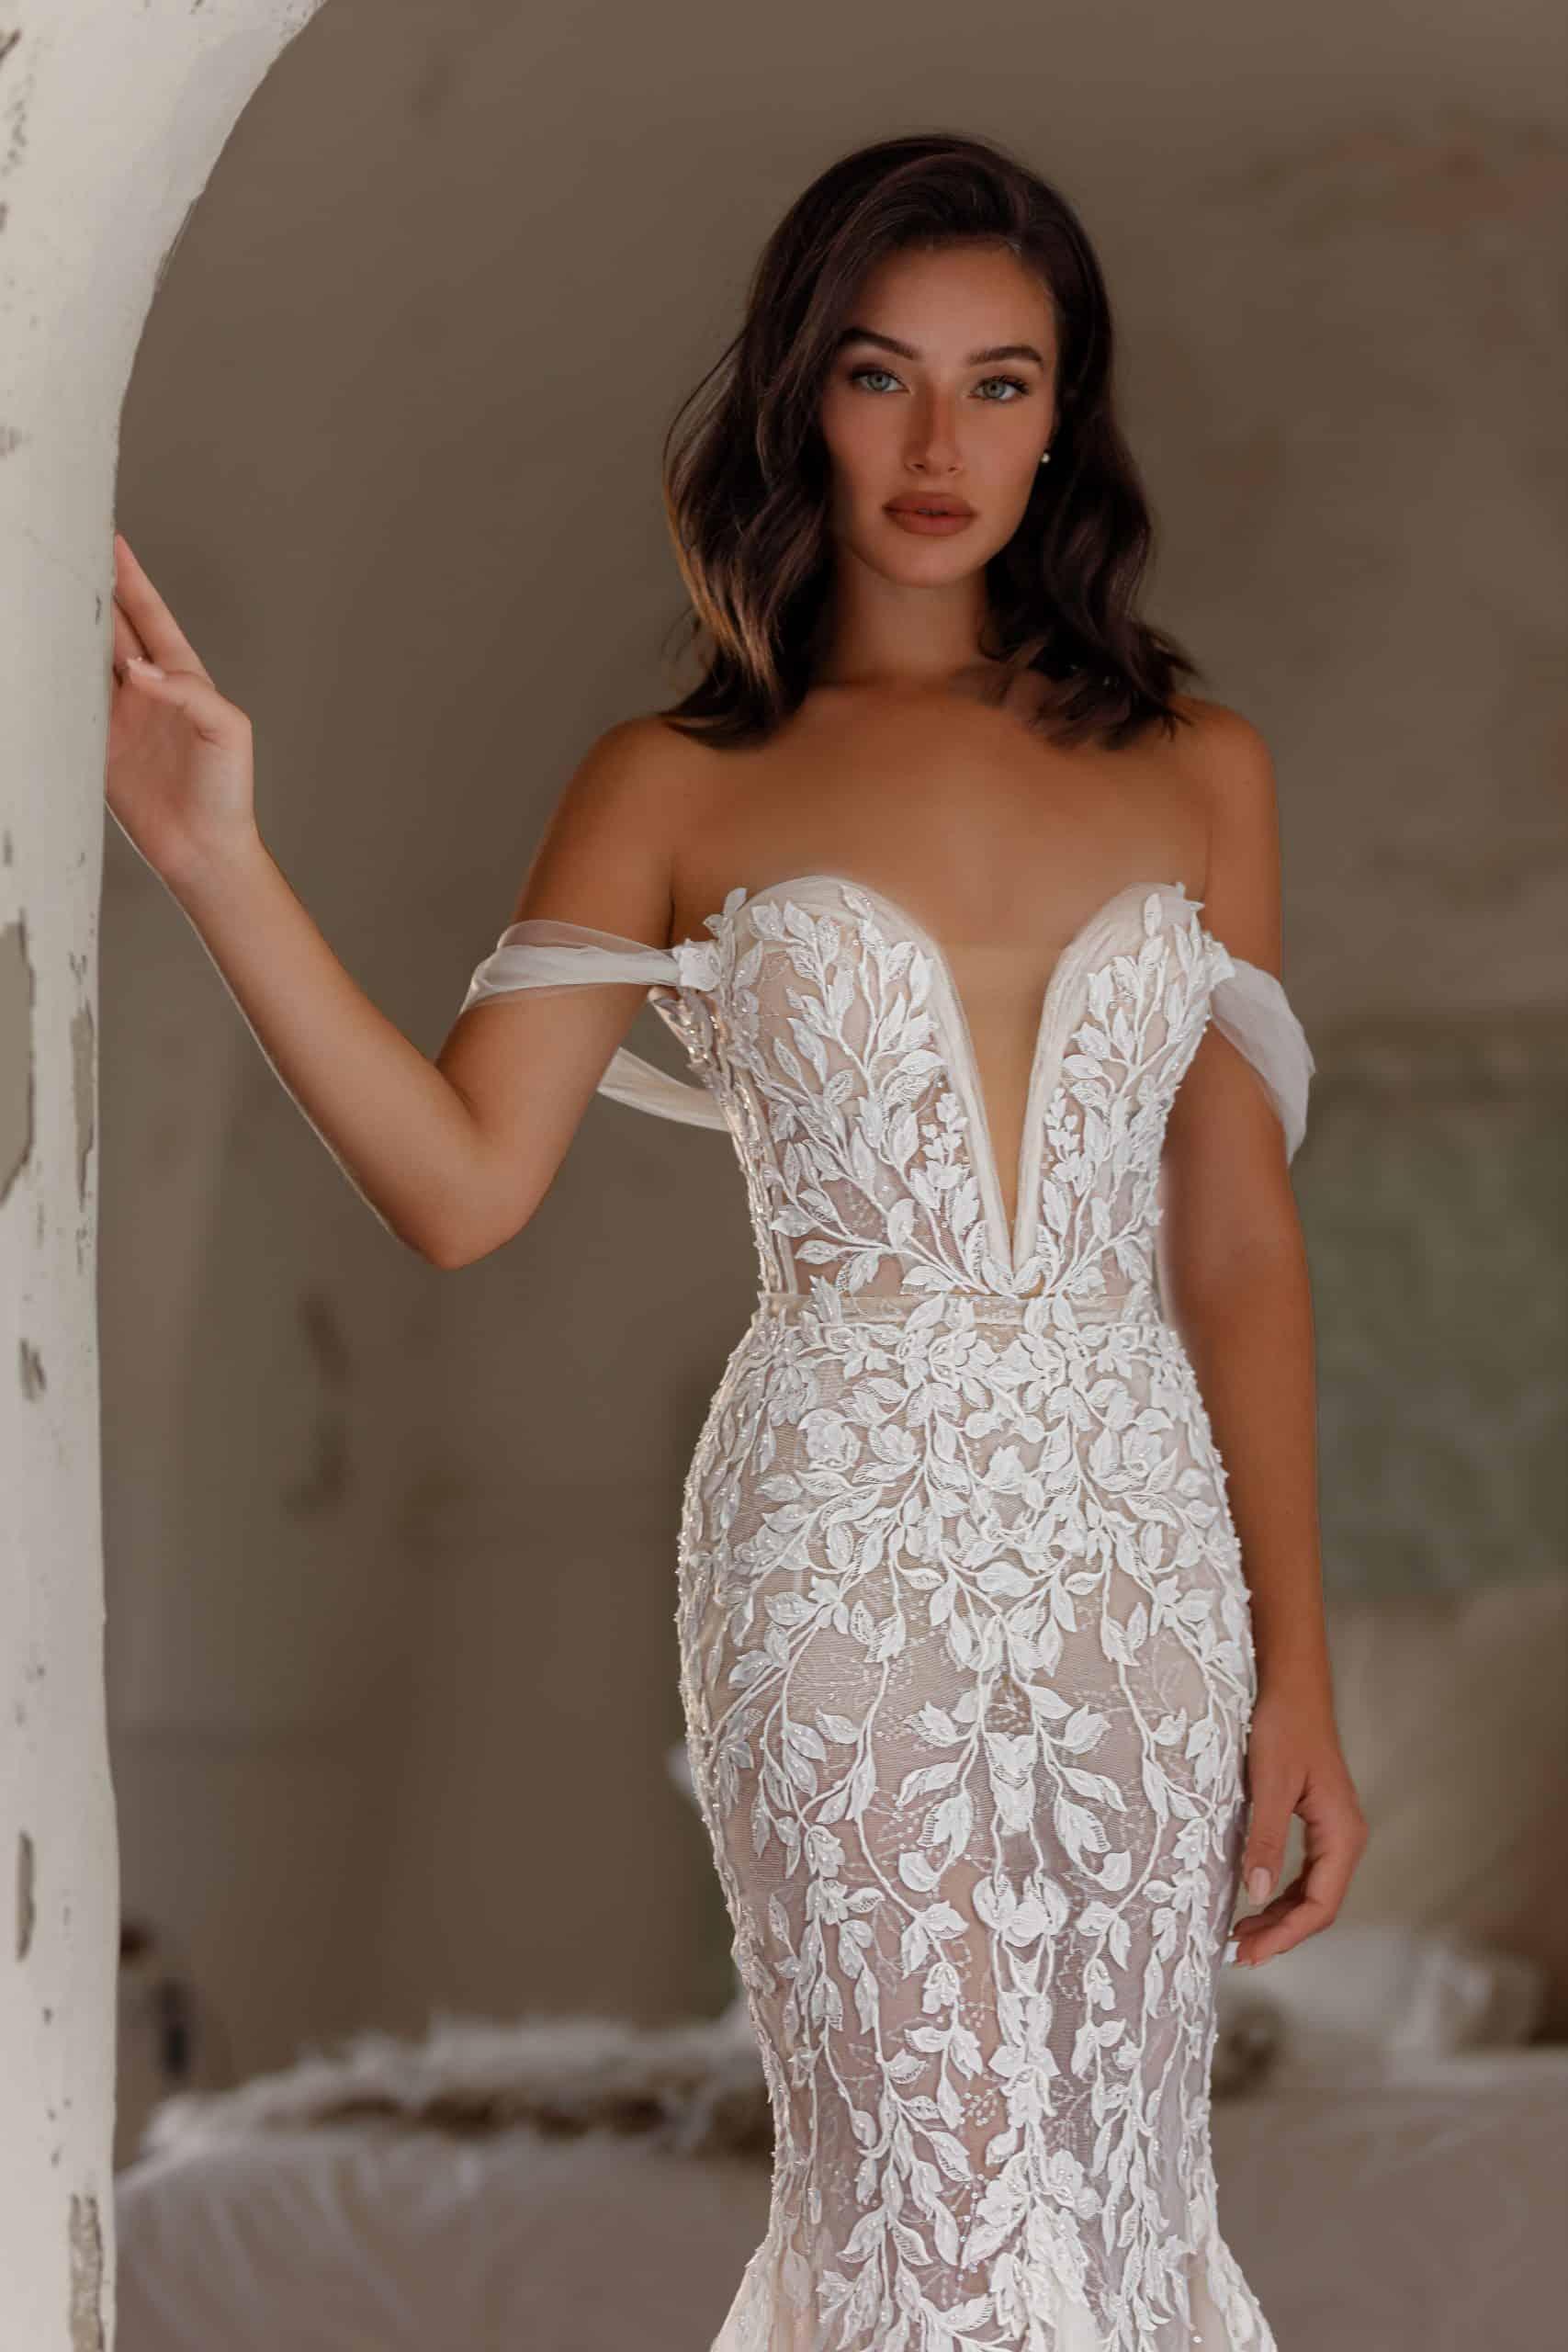 Jenny Packham Lilya New Wedding Dress Save 45% - Stillwhite